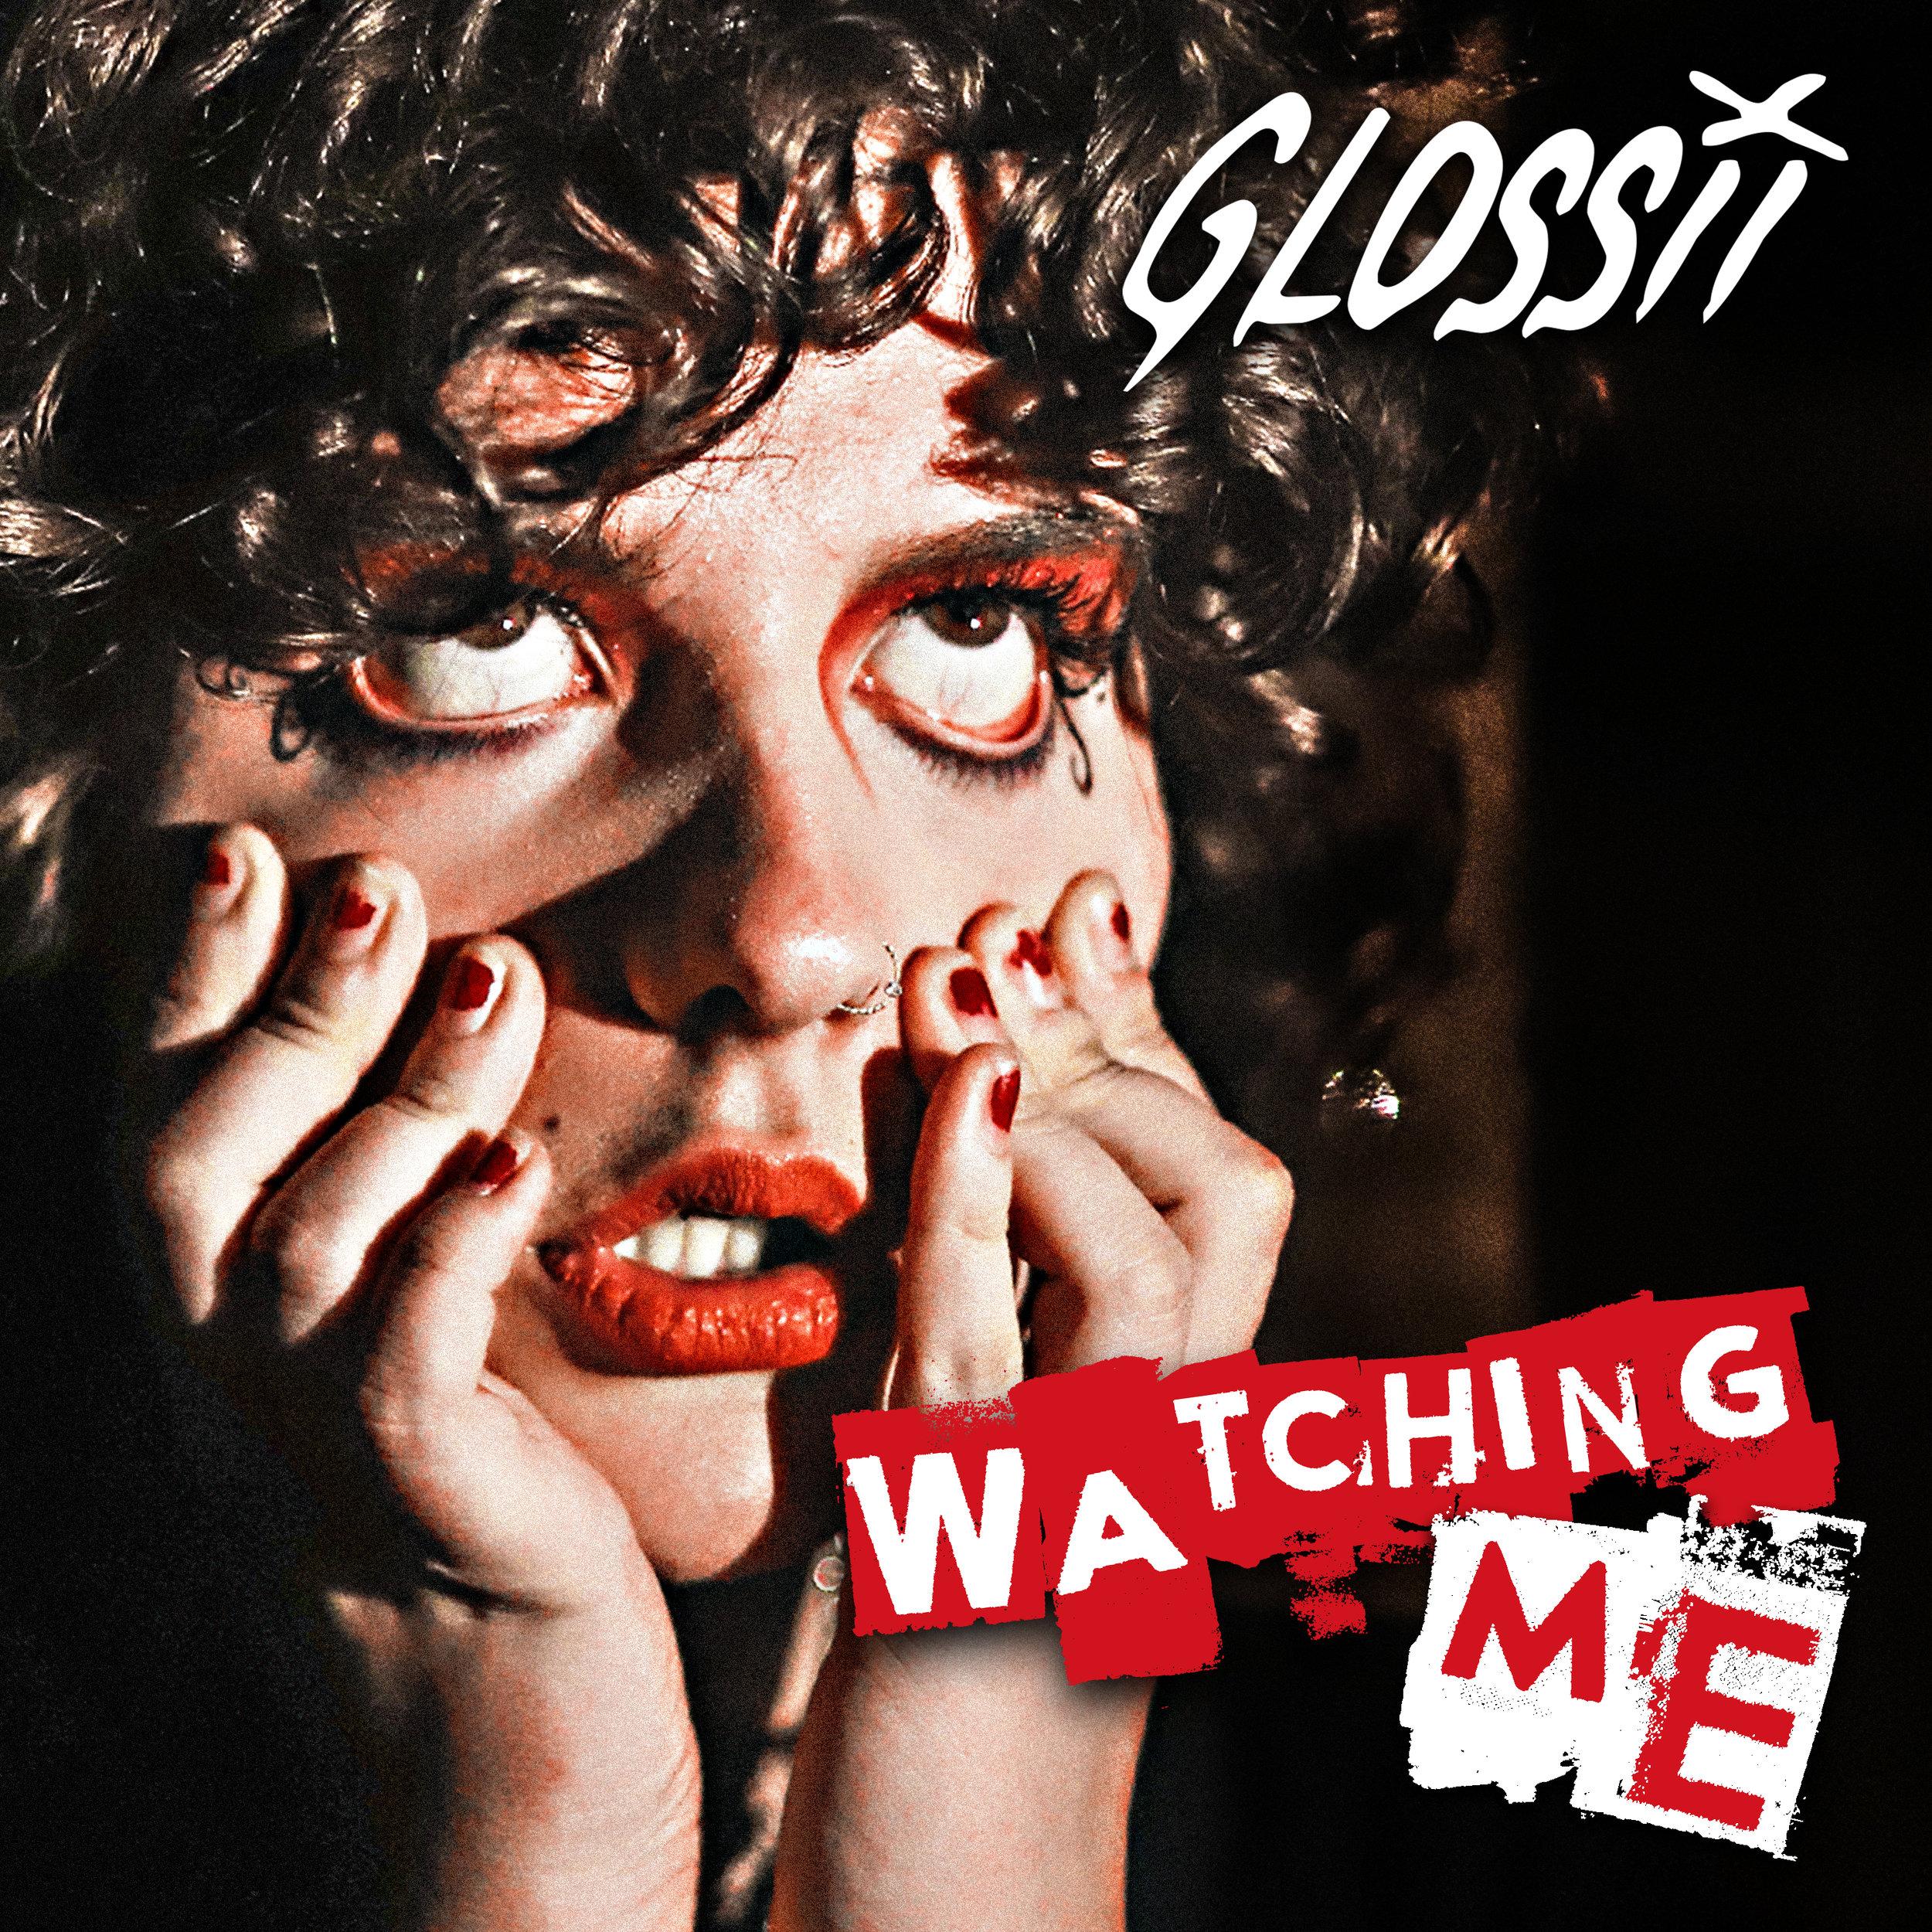 WATCHING ME (FINAL).jpg